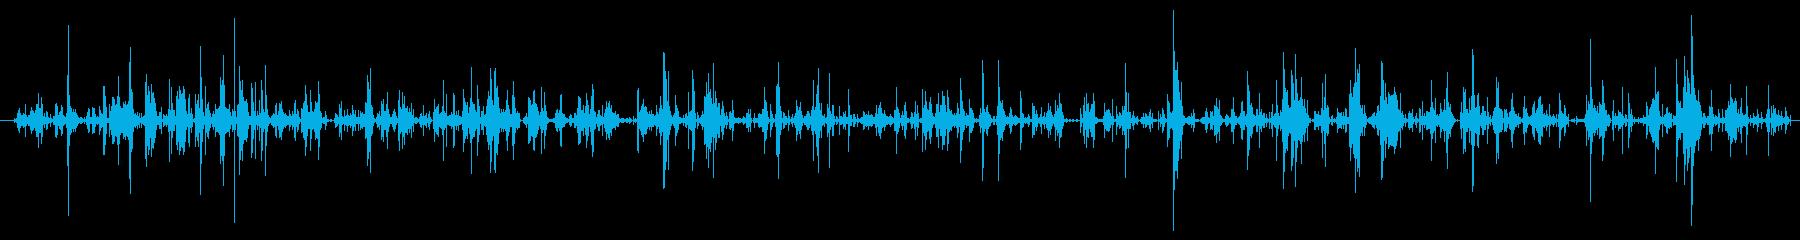 キー キーホルダー大ガラガラシーケ...の再生済みの波形